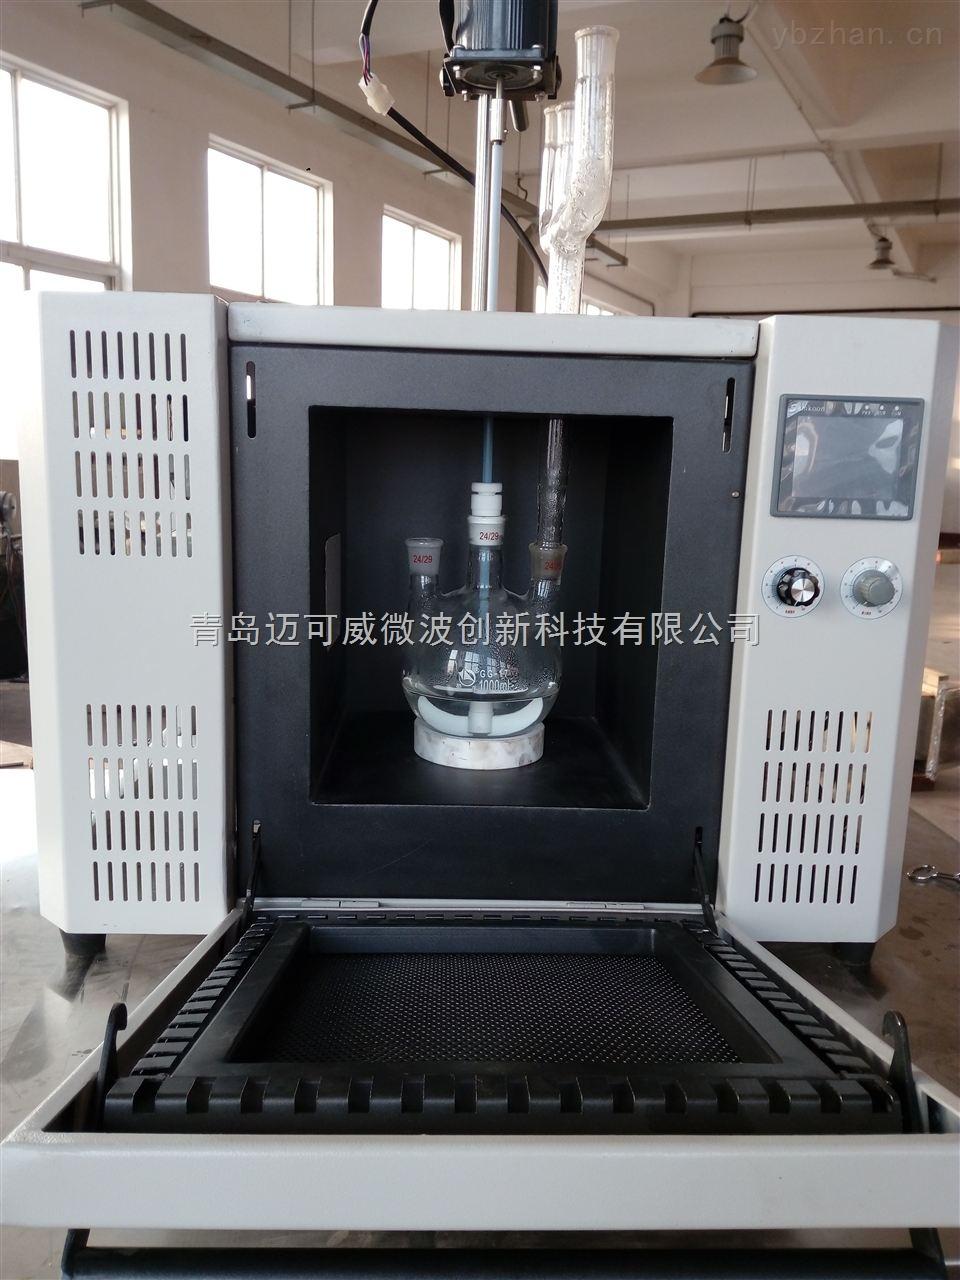 微波化学反应器 智能控制 300°C 专业厂家提供定制